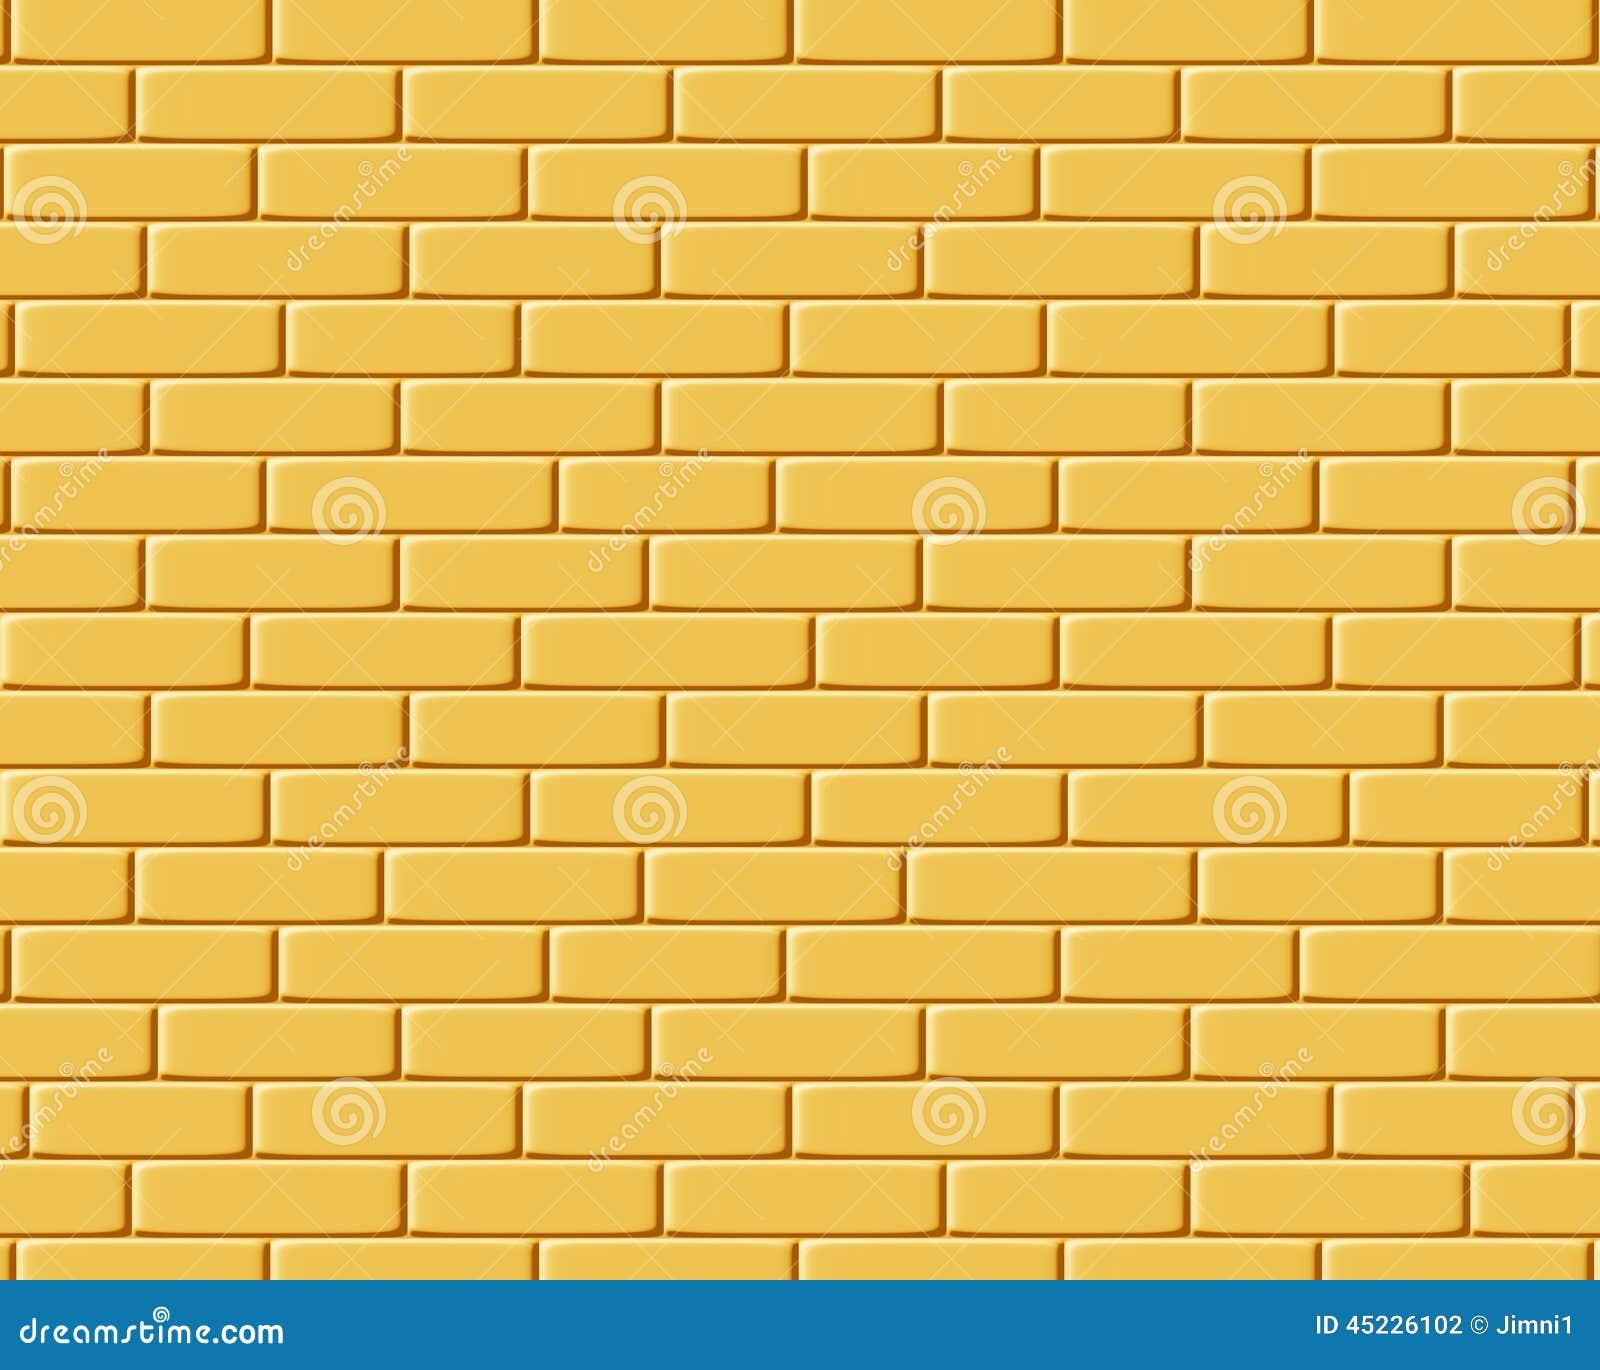 gelbe ziegelsteine hintergrundbeschaffenheit stock abbildung illustration von muster. Black Bedroom Furniture Sets. Home Design Ideas